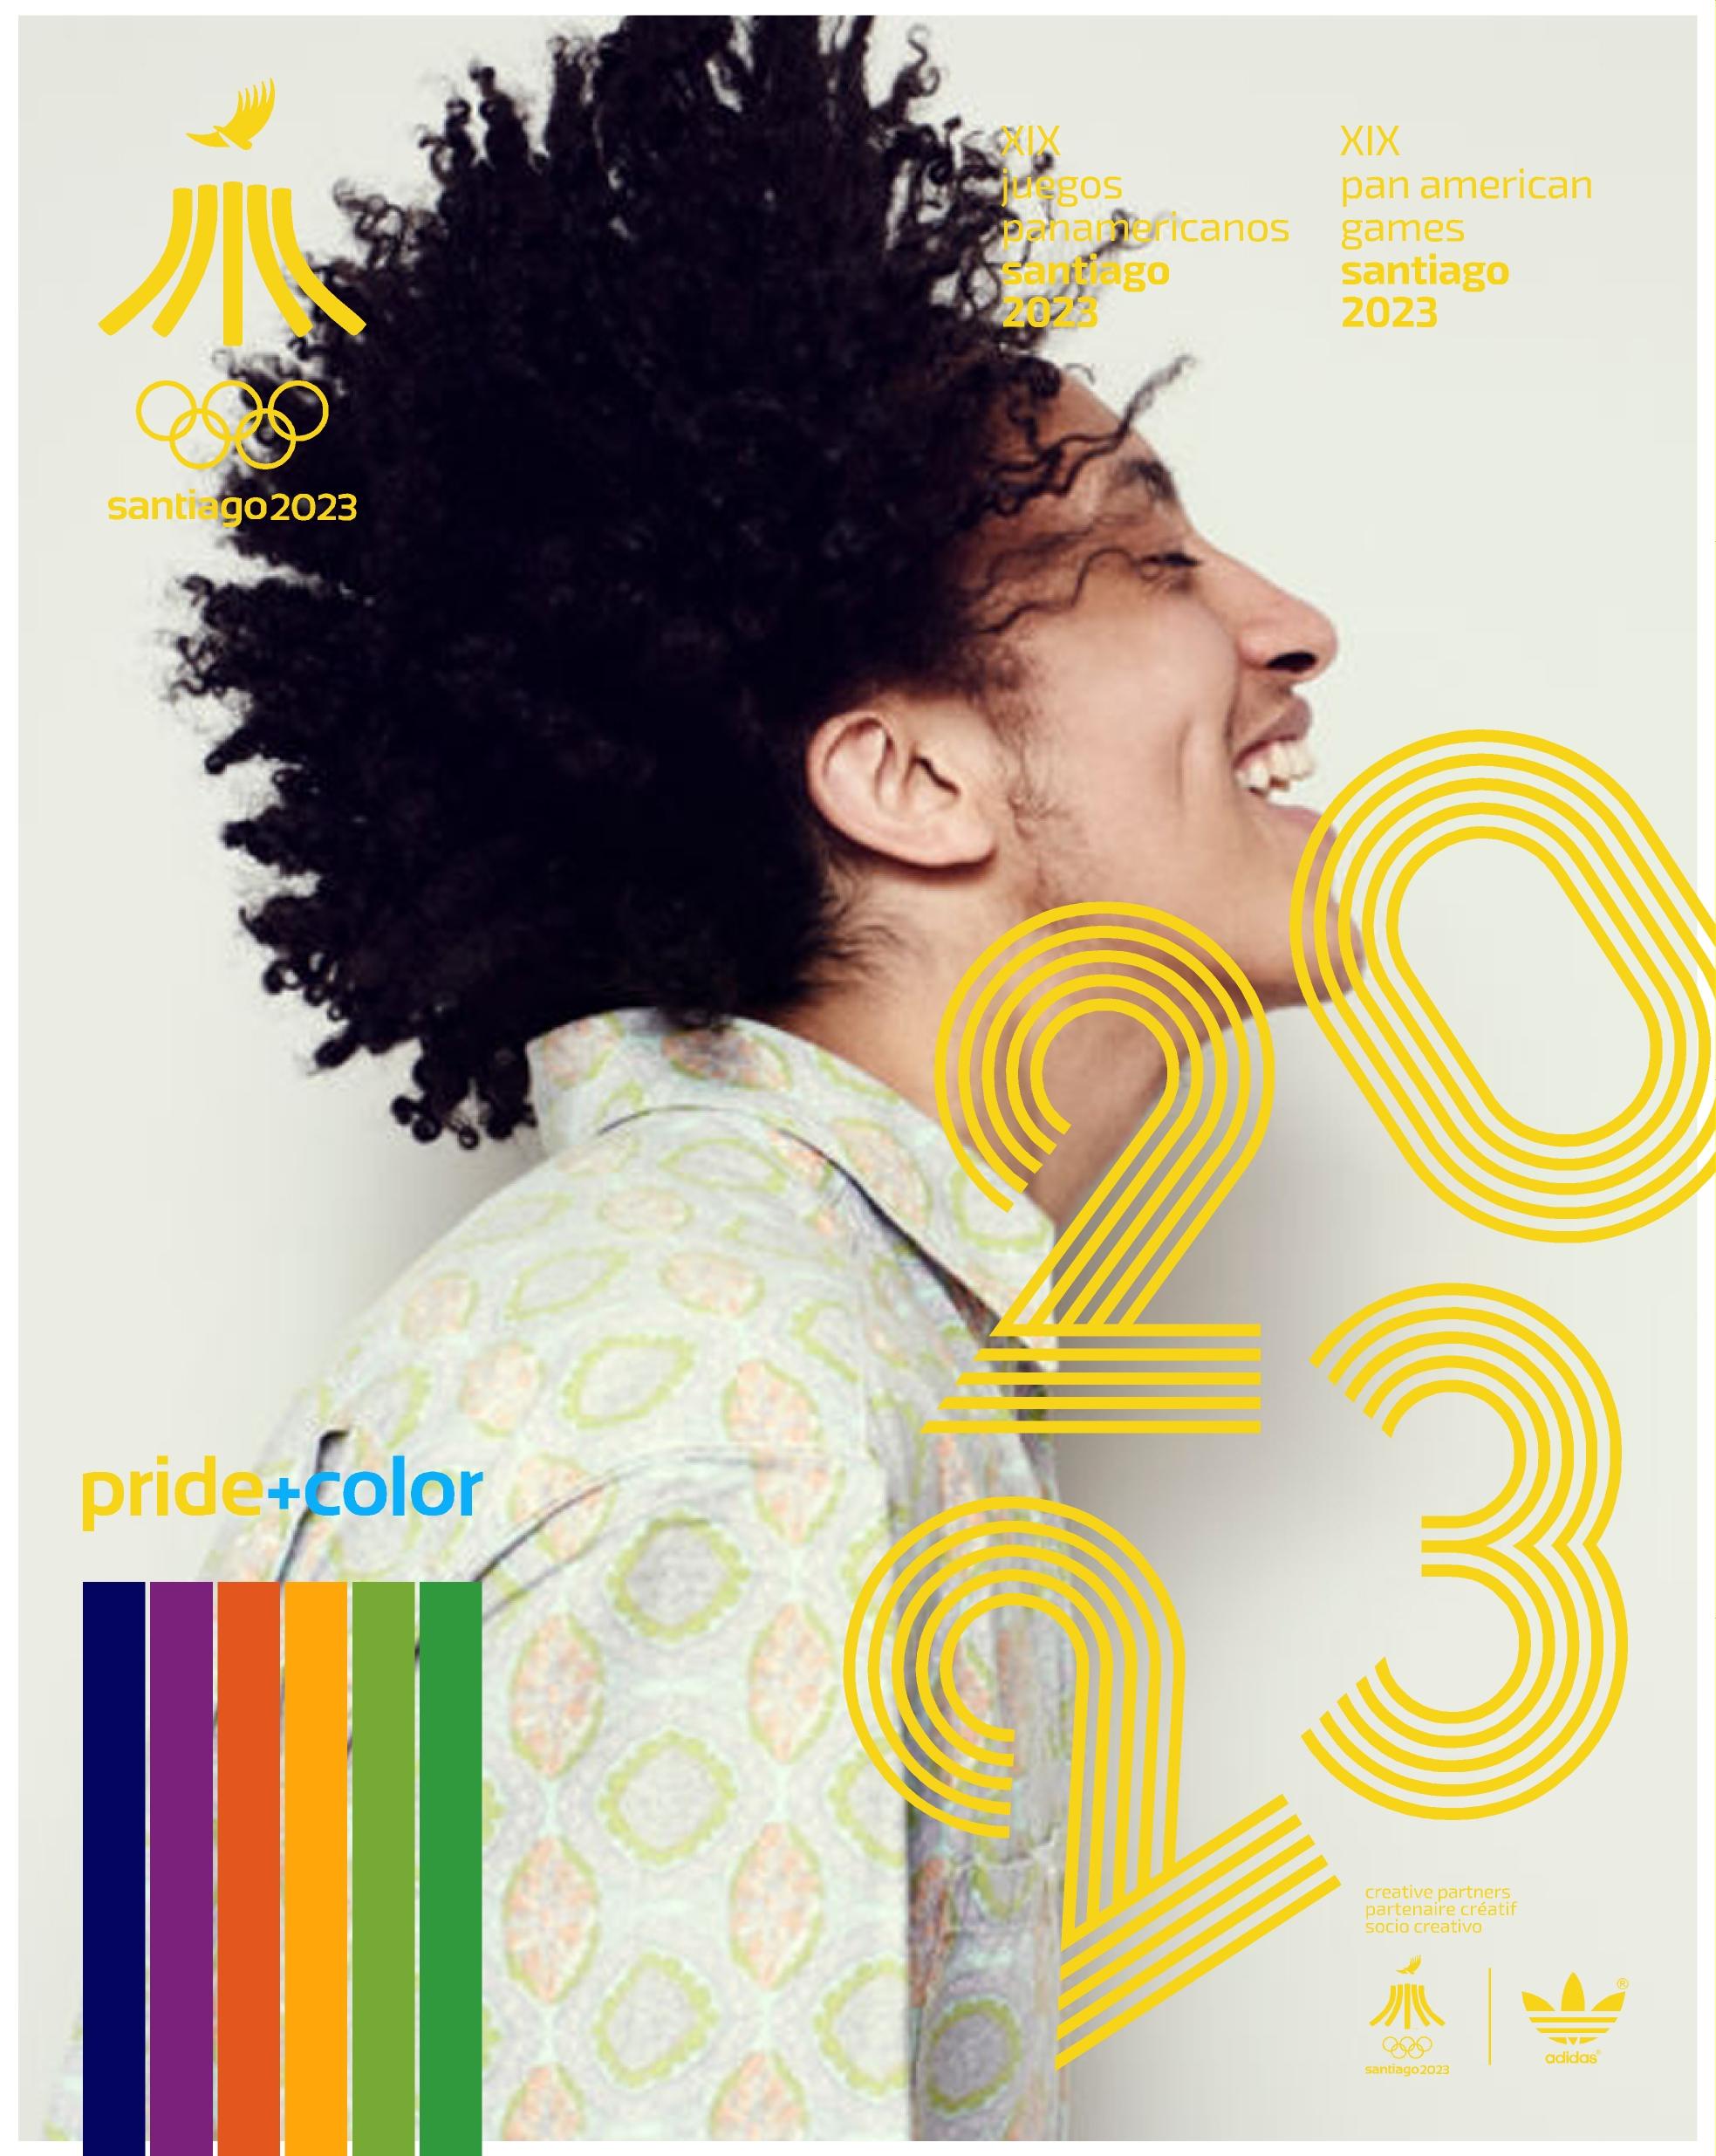 Juegos Panamericanos Santiago 2023 Pride Color 19